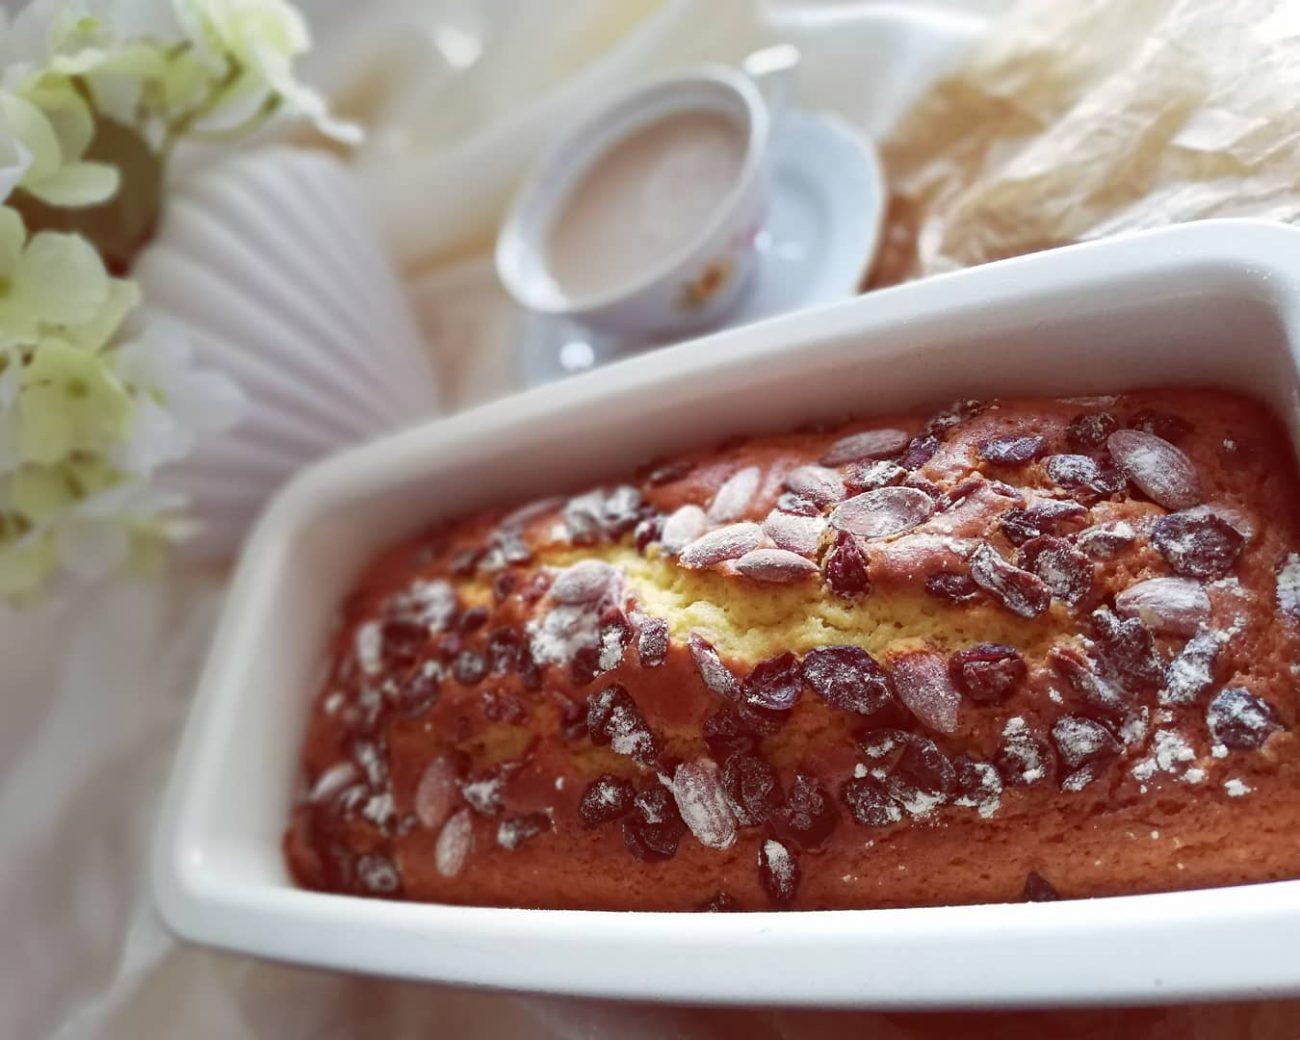 Kuglof sa sušenim brusnicama i bademima